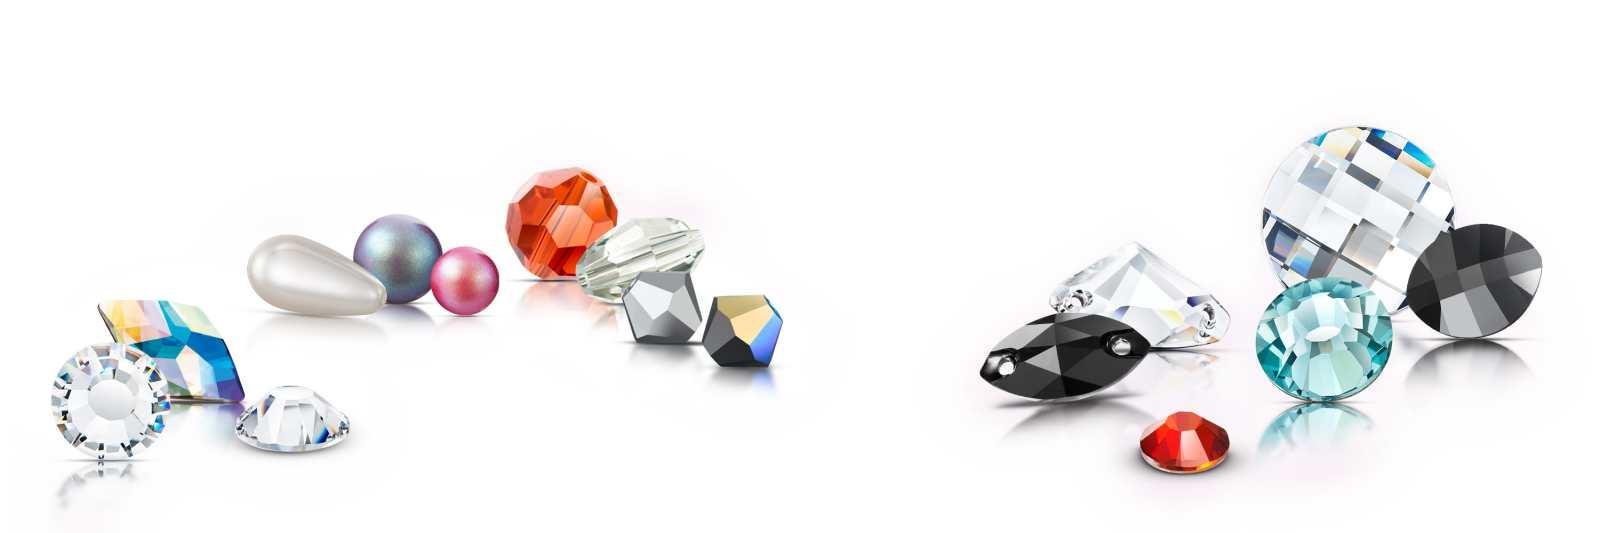 czeskie kryształki - hurtownia kryształków